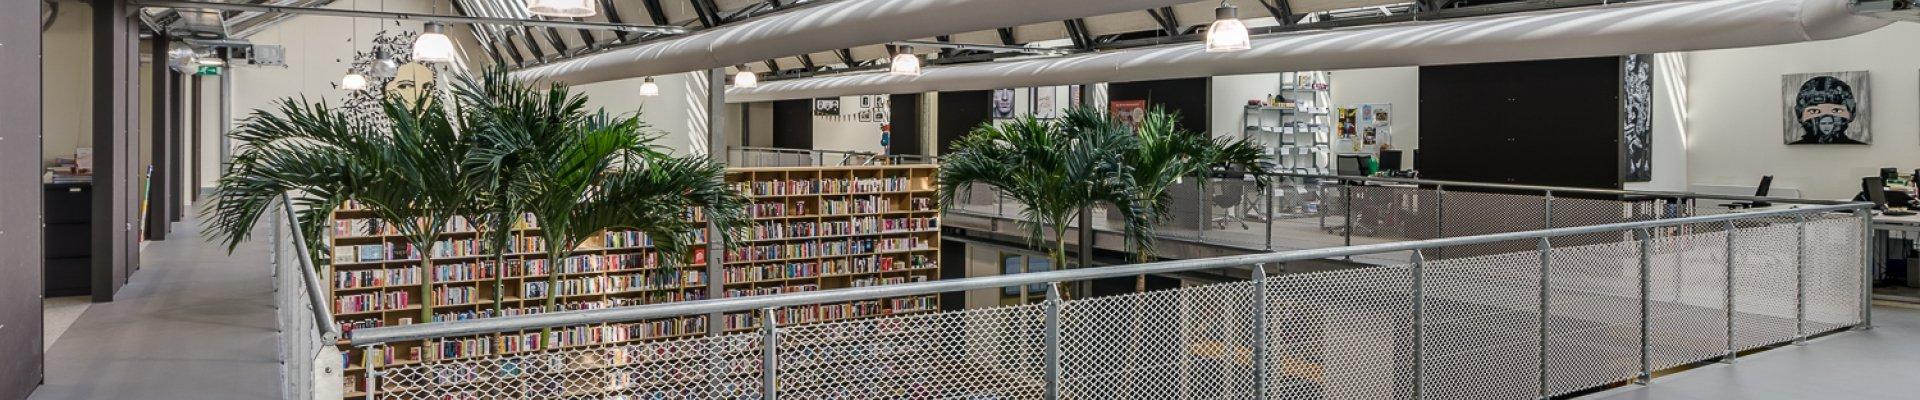 Overamstel Uitgevers office view